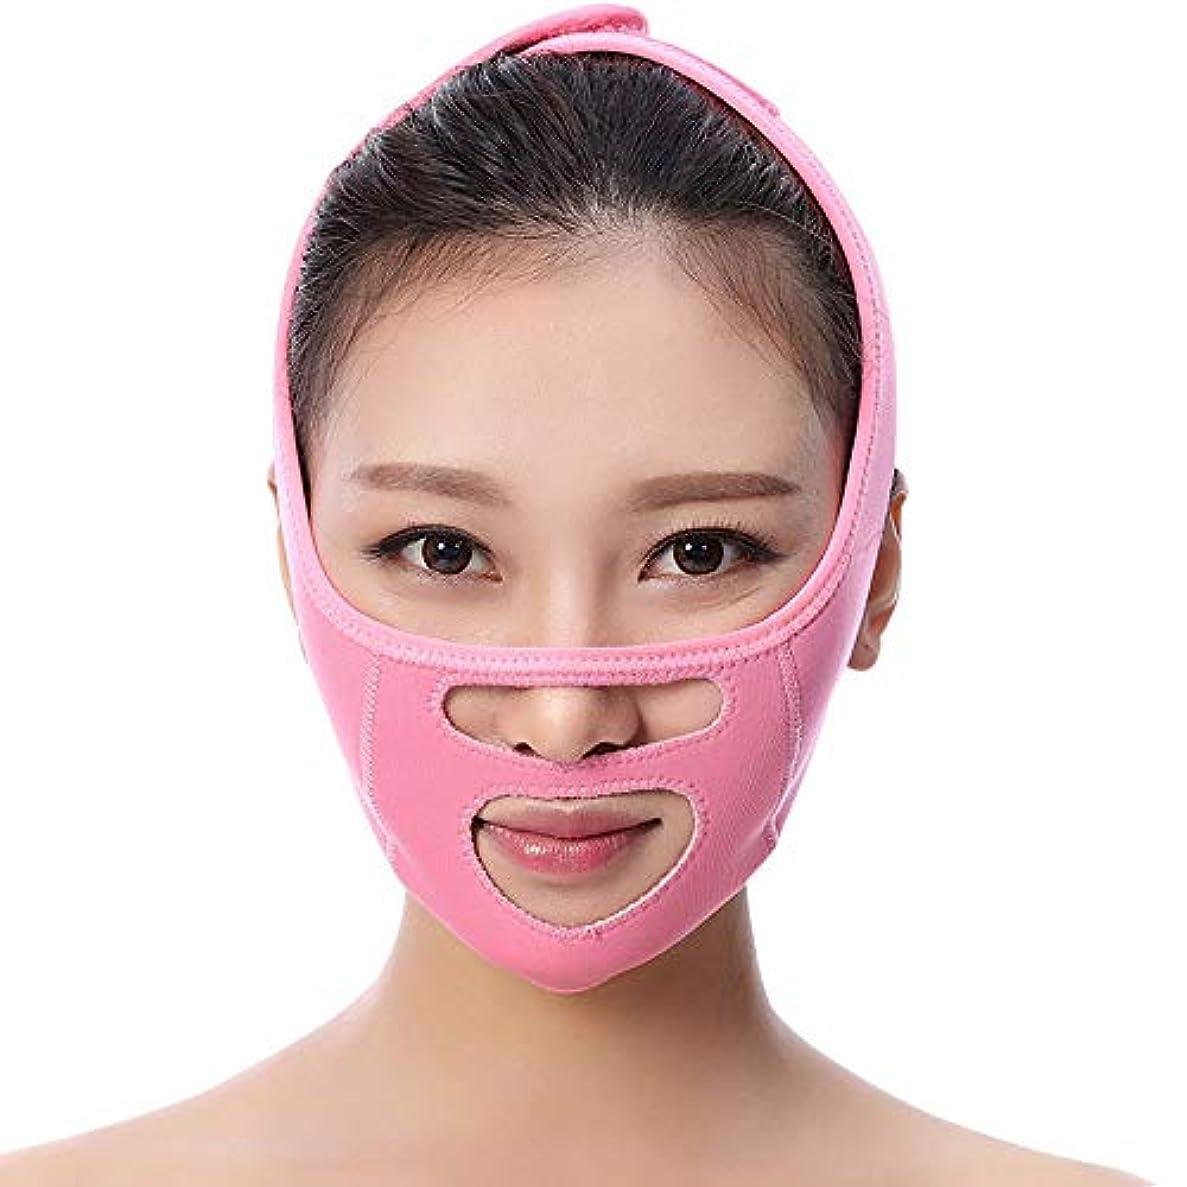 クラッチうなる不快フェイスリフトマスク、薄型フェイスベルトを眠らせる/フェイスフェイスリフトアーチファクト(ブルー/ピンク)を令状にするために美容フェイスリフト包帯を強化,Pink